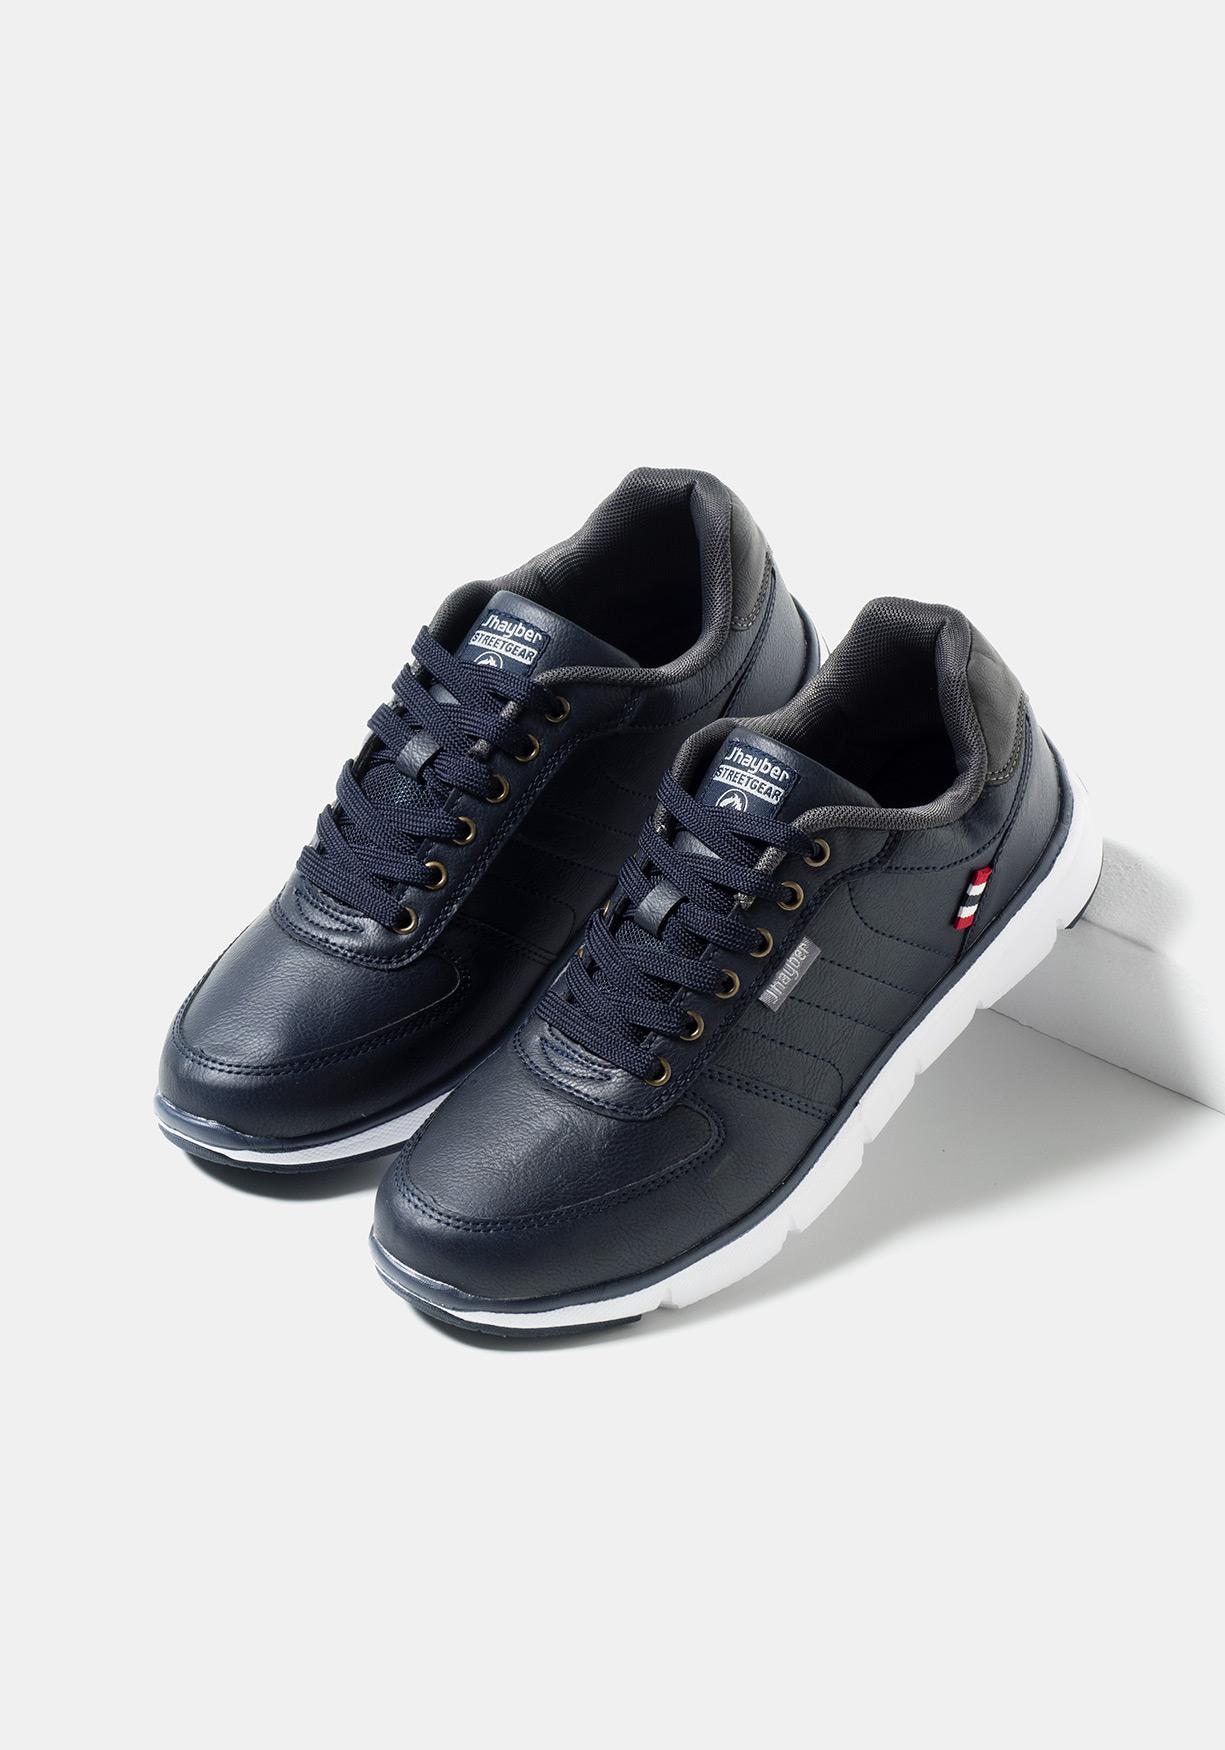 a12de111a Comprar Zapatos deportivos J`HAYBER. ¡Aprovéchate de nuestros ...